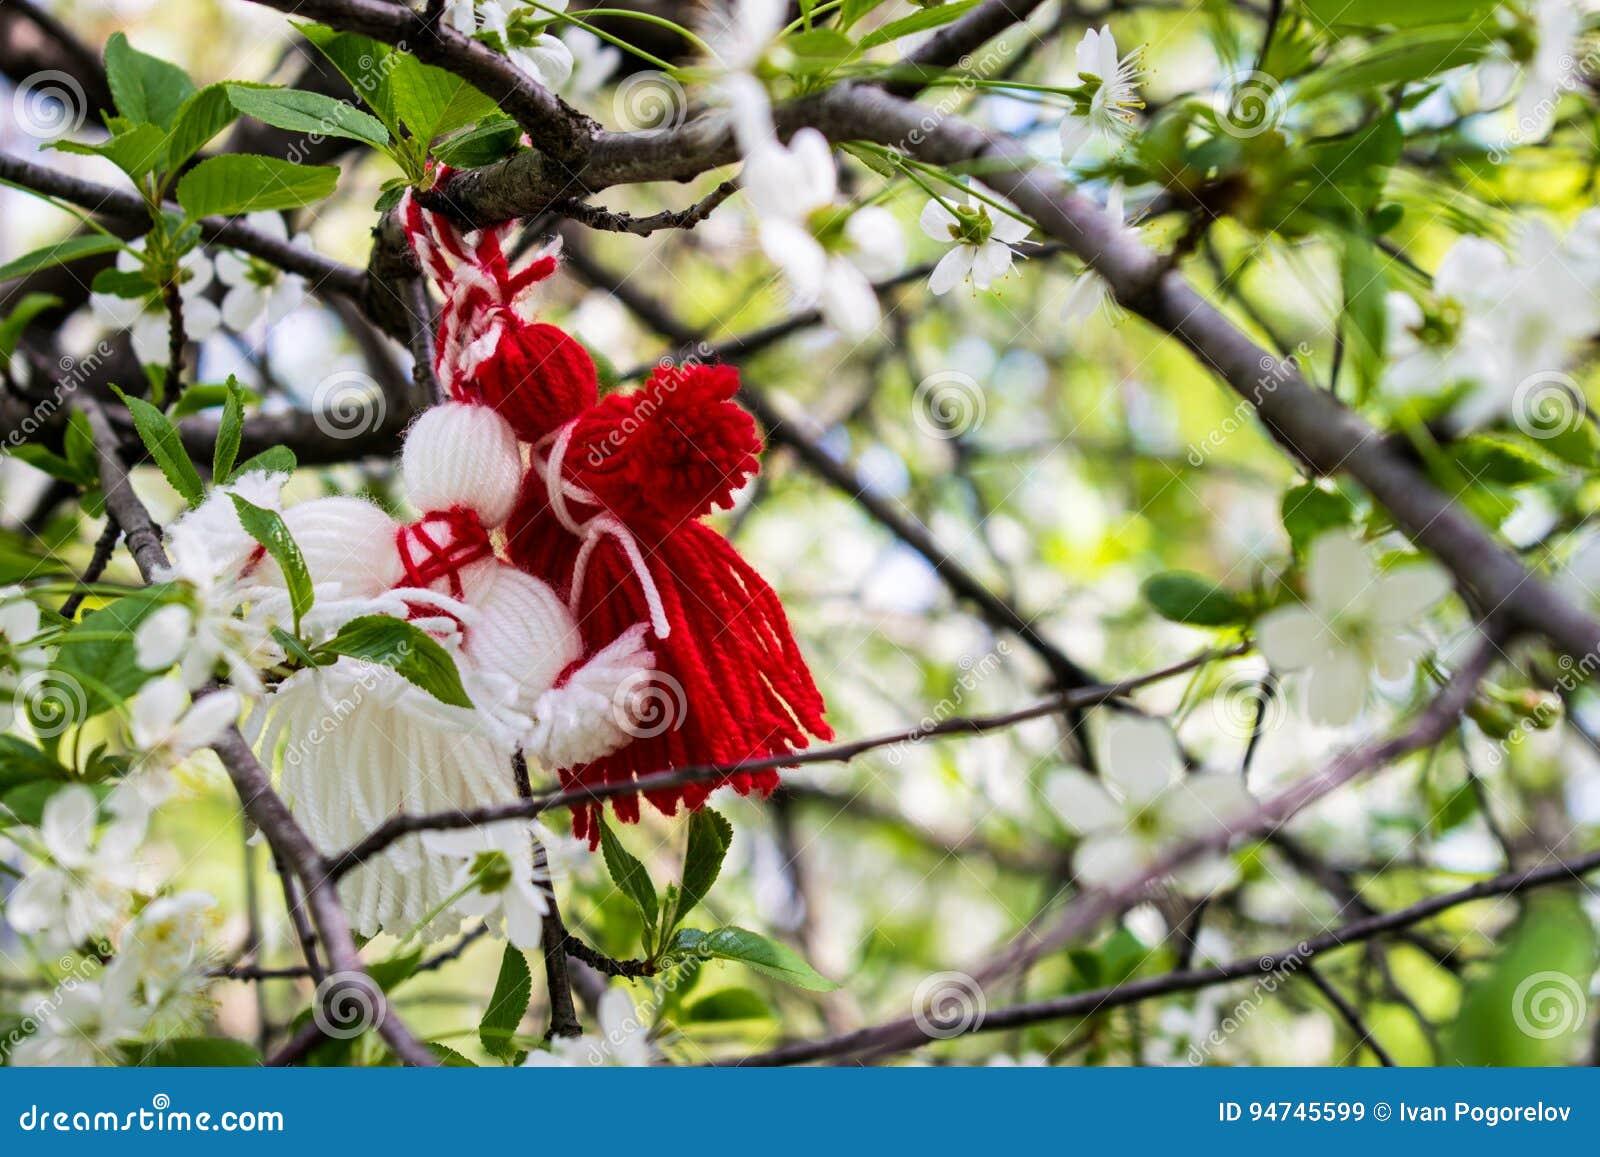 Två trasdockor av röd och vit färg som hänger bland de vita blommorna, är körsbär med gröna sidor